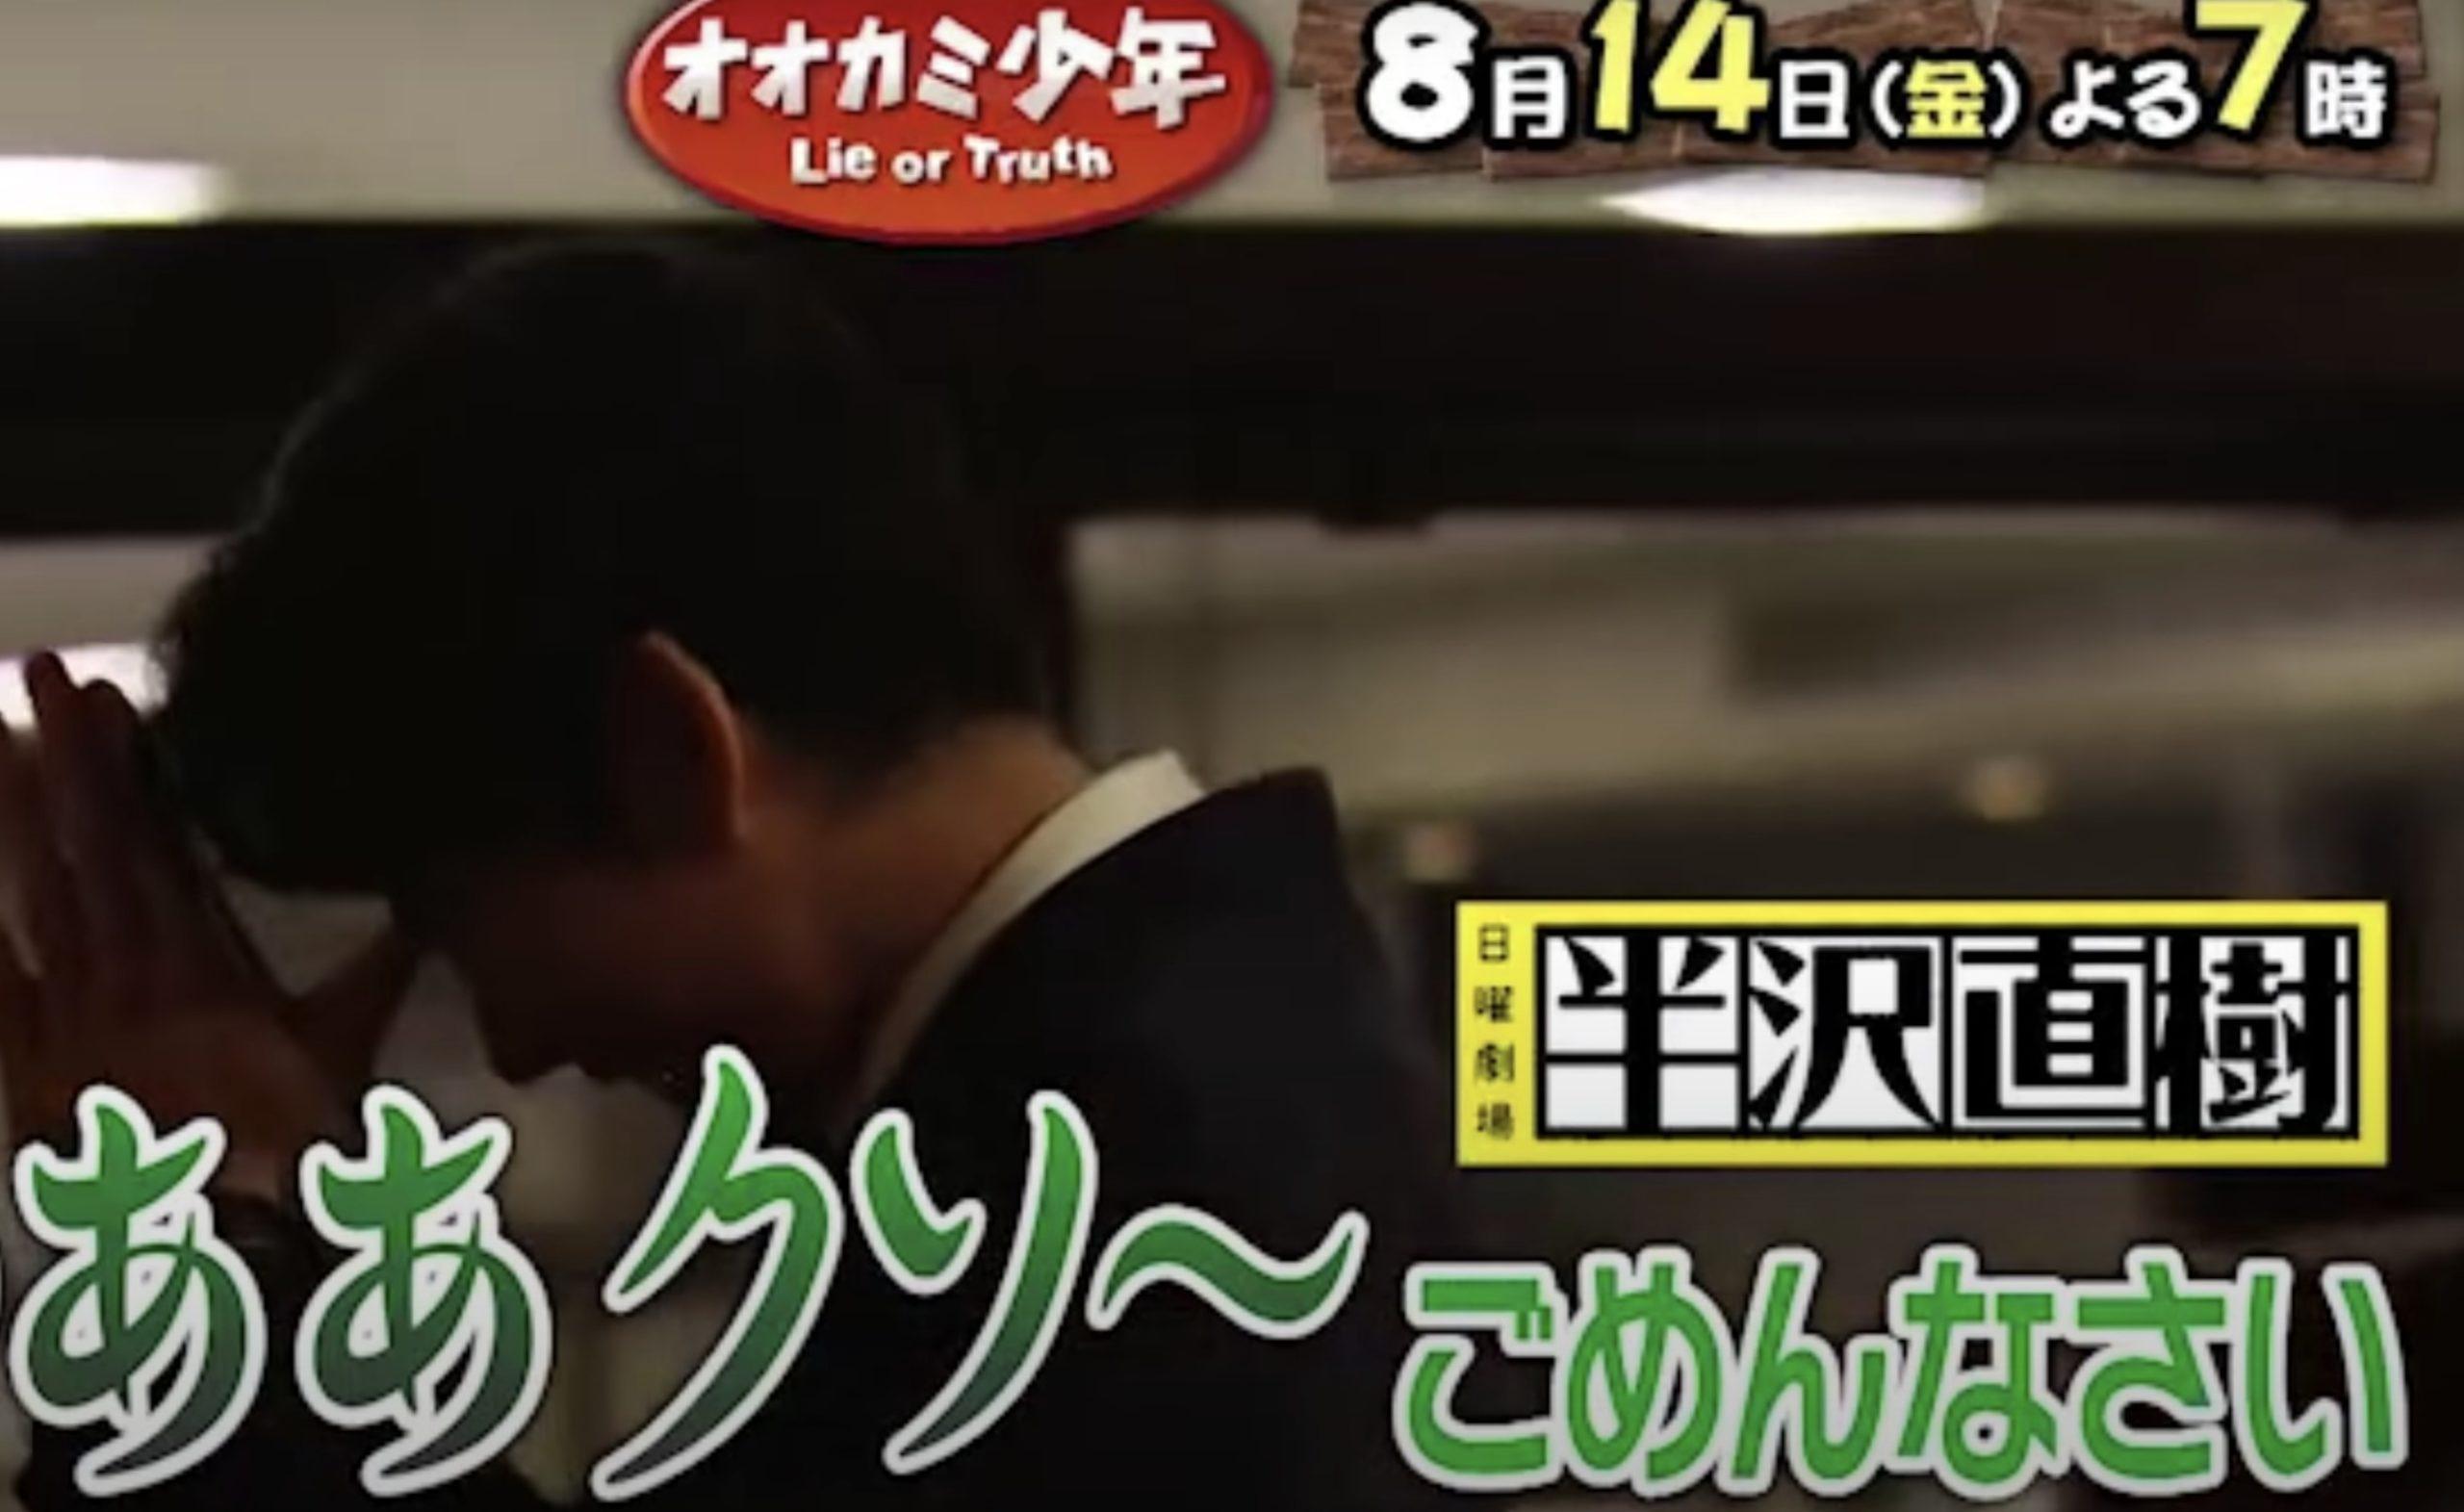 オオカミ少年(半沢NGシーン)8月14日放送の無料動画や見逃し配信をフル視聴する方法!